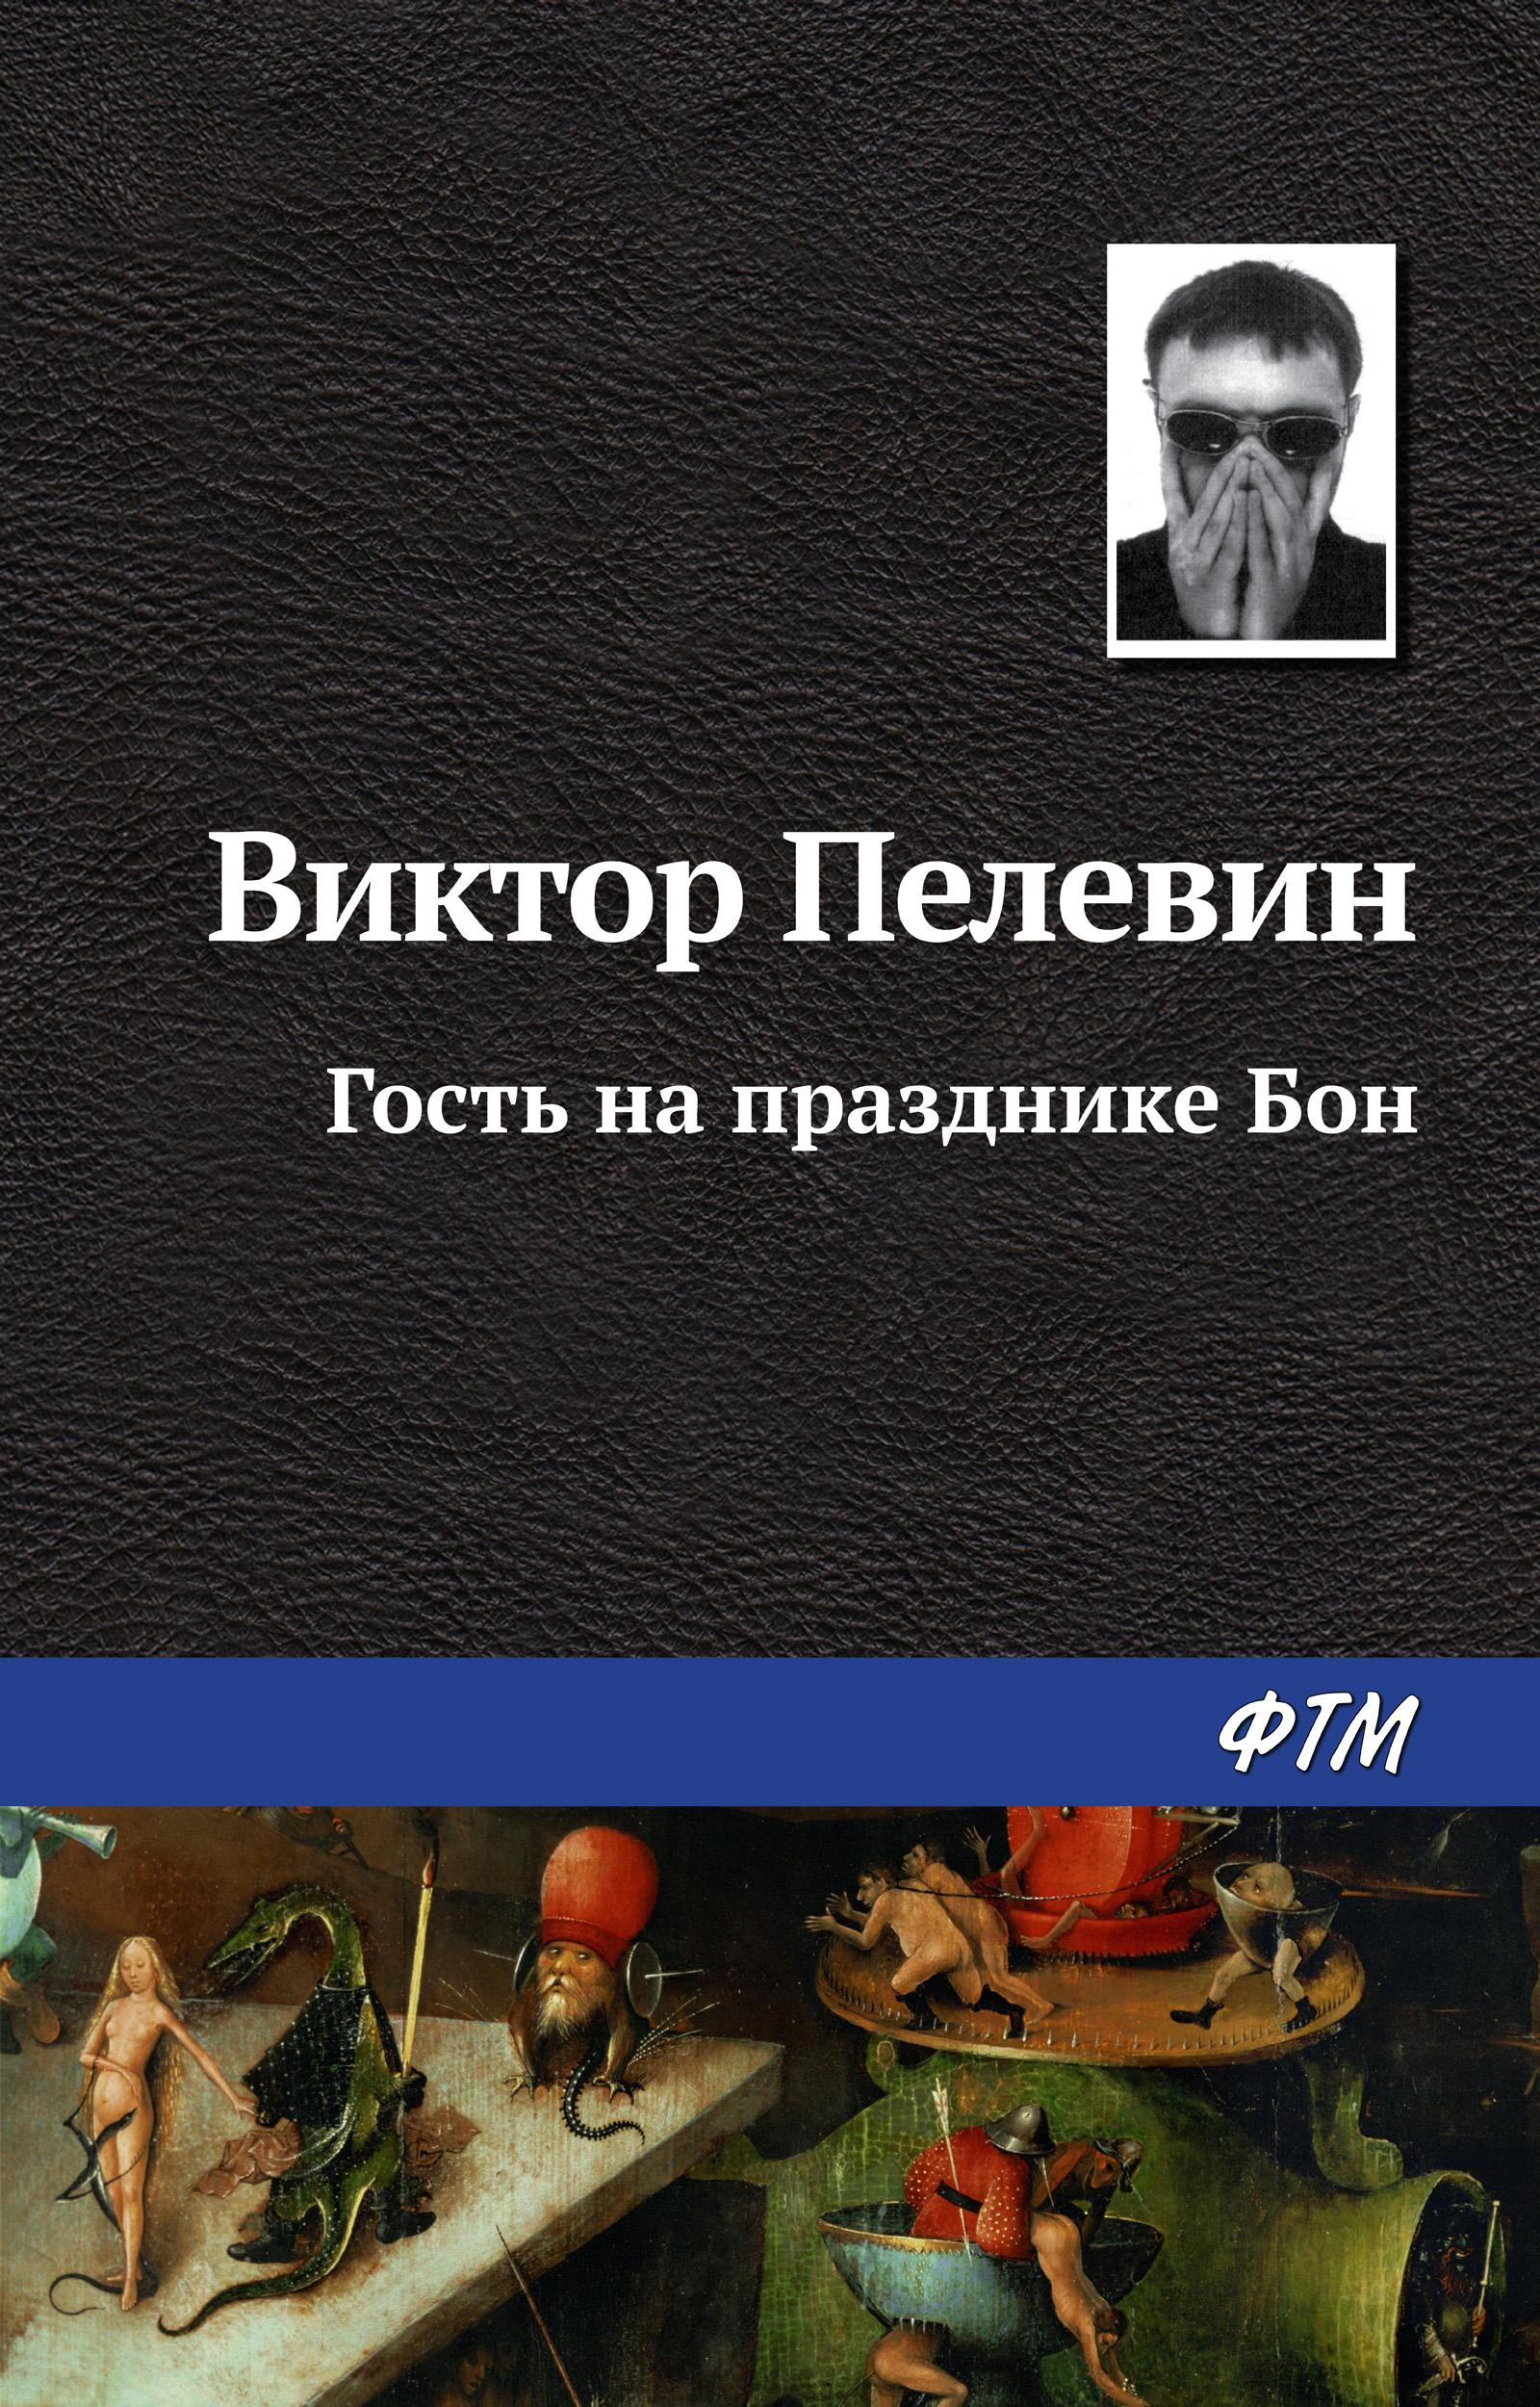 Виктор Пелевин Гость на празднике Бон виктор пелевин гость на празднике бон isbn 978 5 4467 0284 8